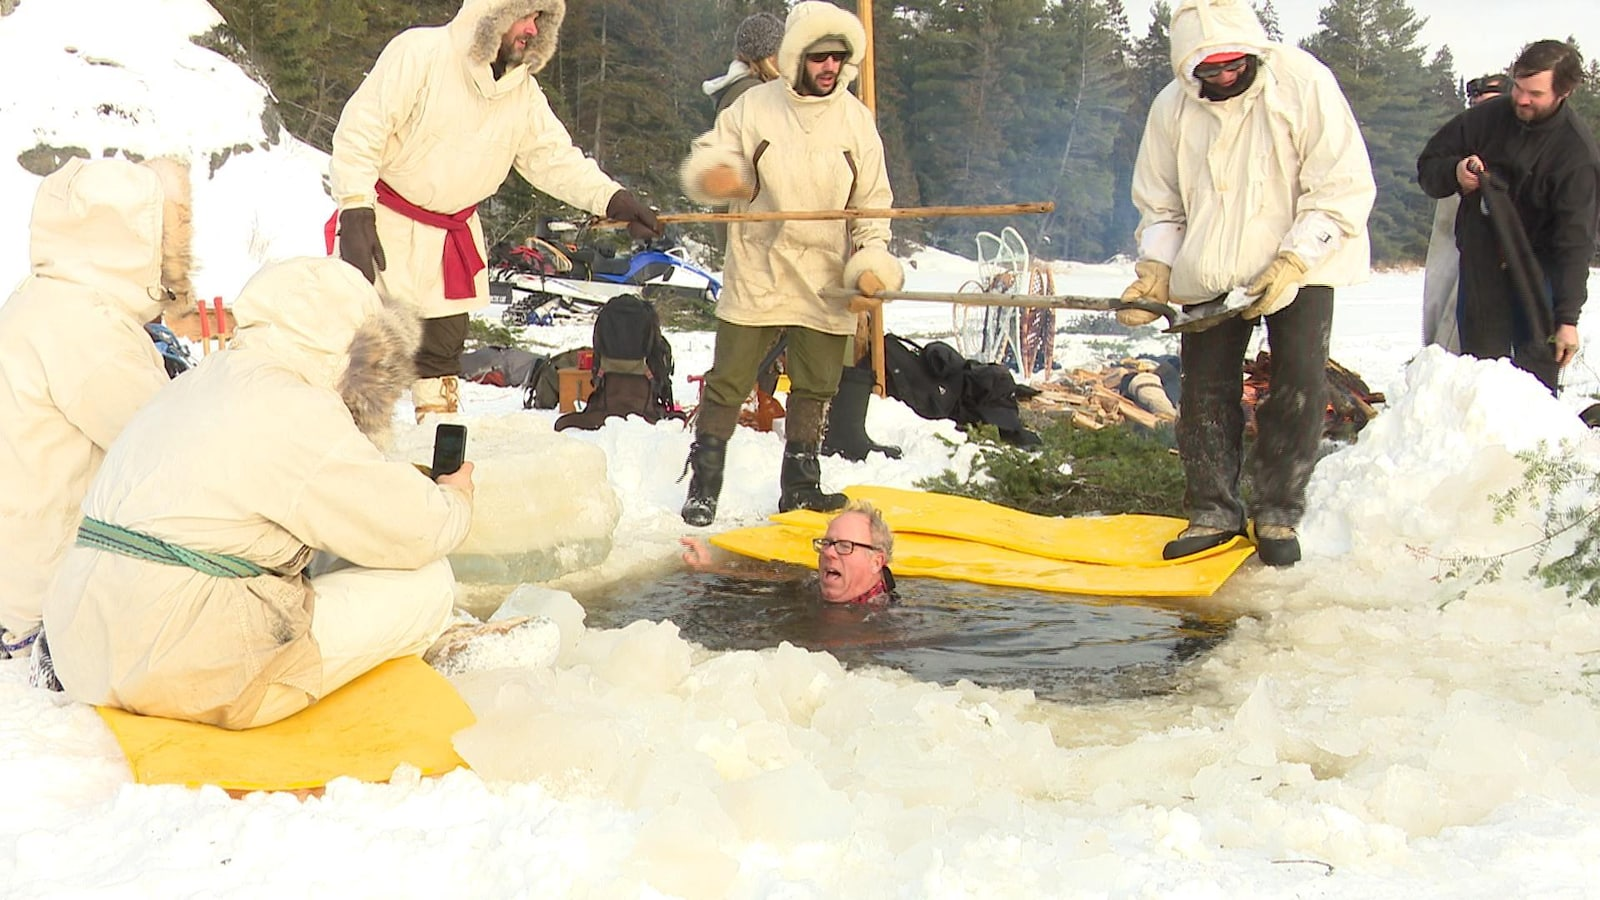 Au milieu d'un trou dans la glace, un homme est dans l'eau jusqu'au cou. À ses côtés, d'autres campeurs bien emmitouflés dans des anoraks se préparent à lui tendre des bâtons pour l'aider à sortir.